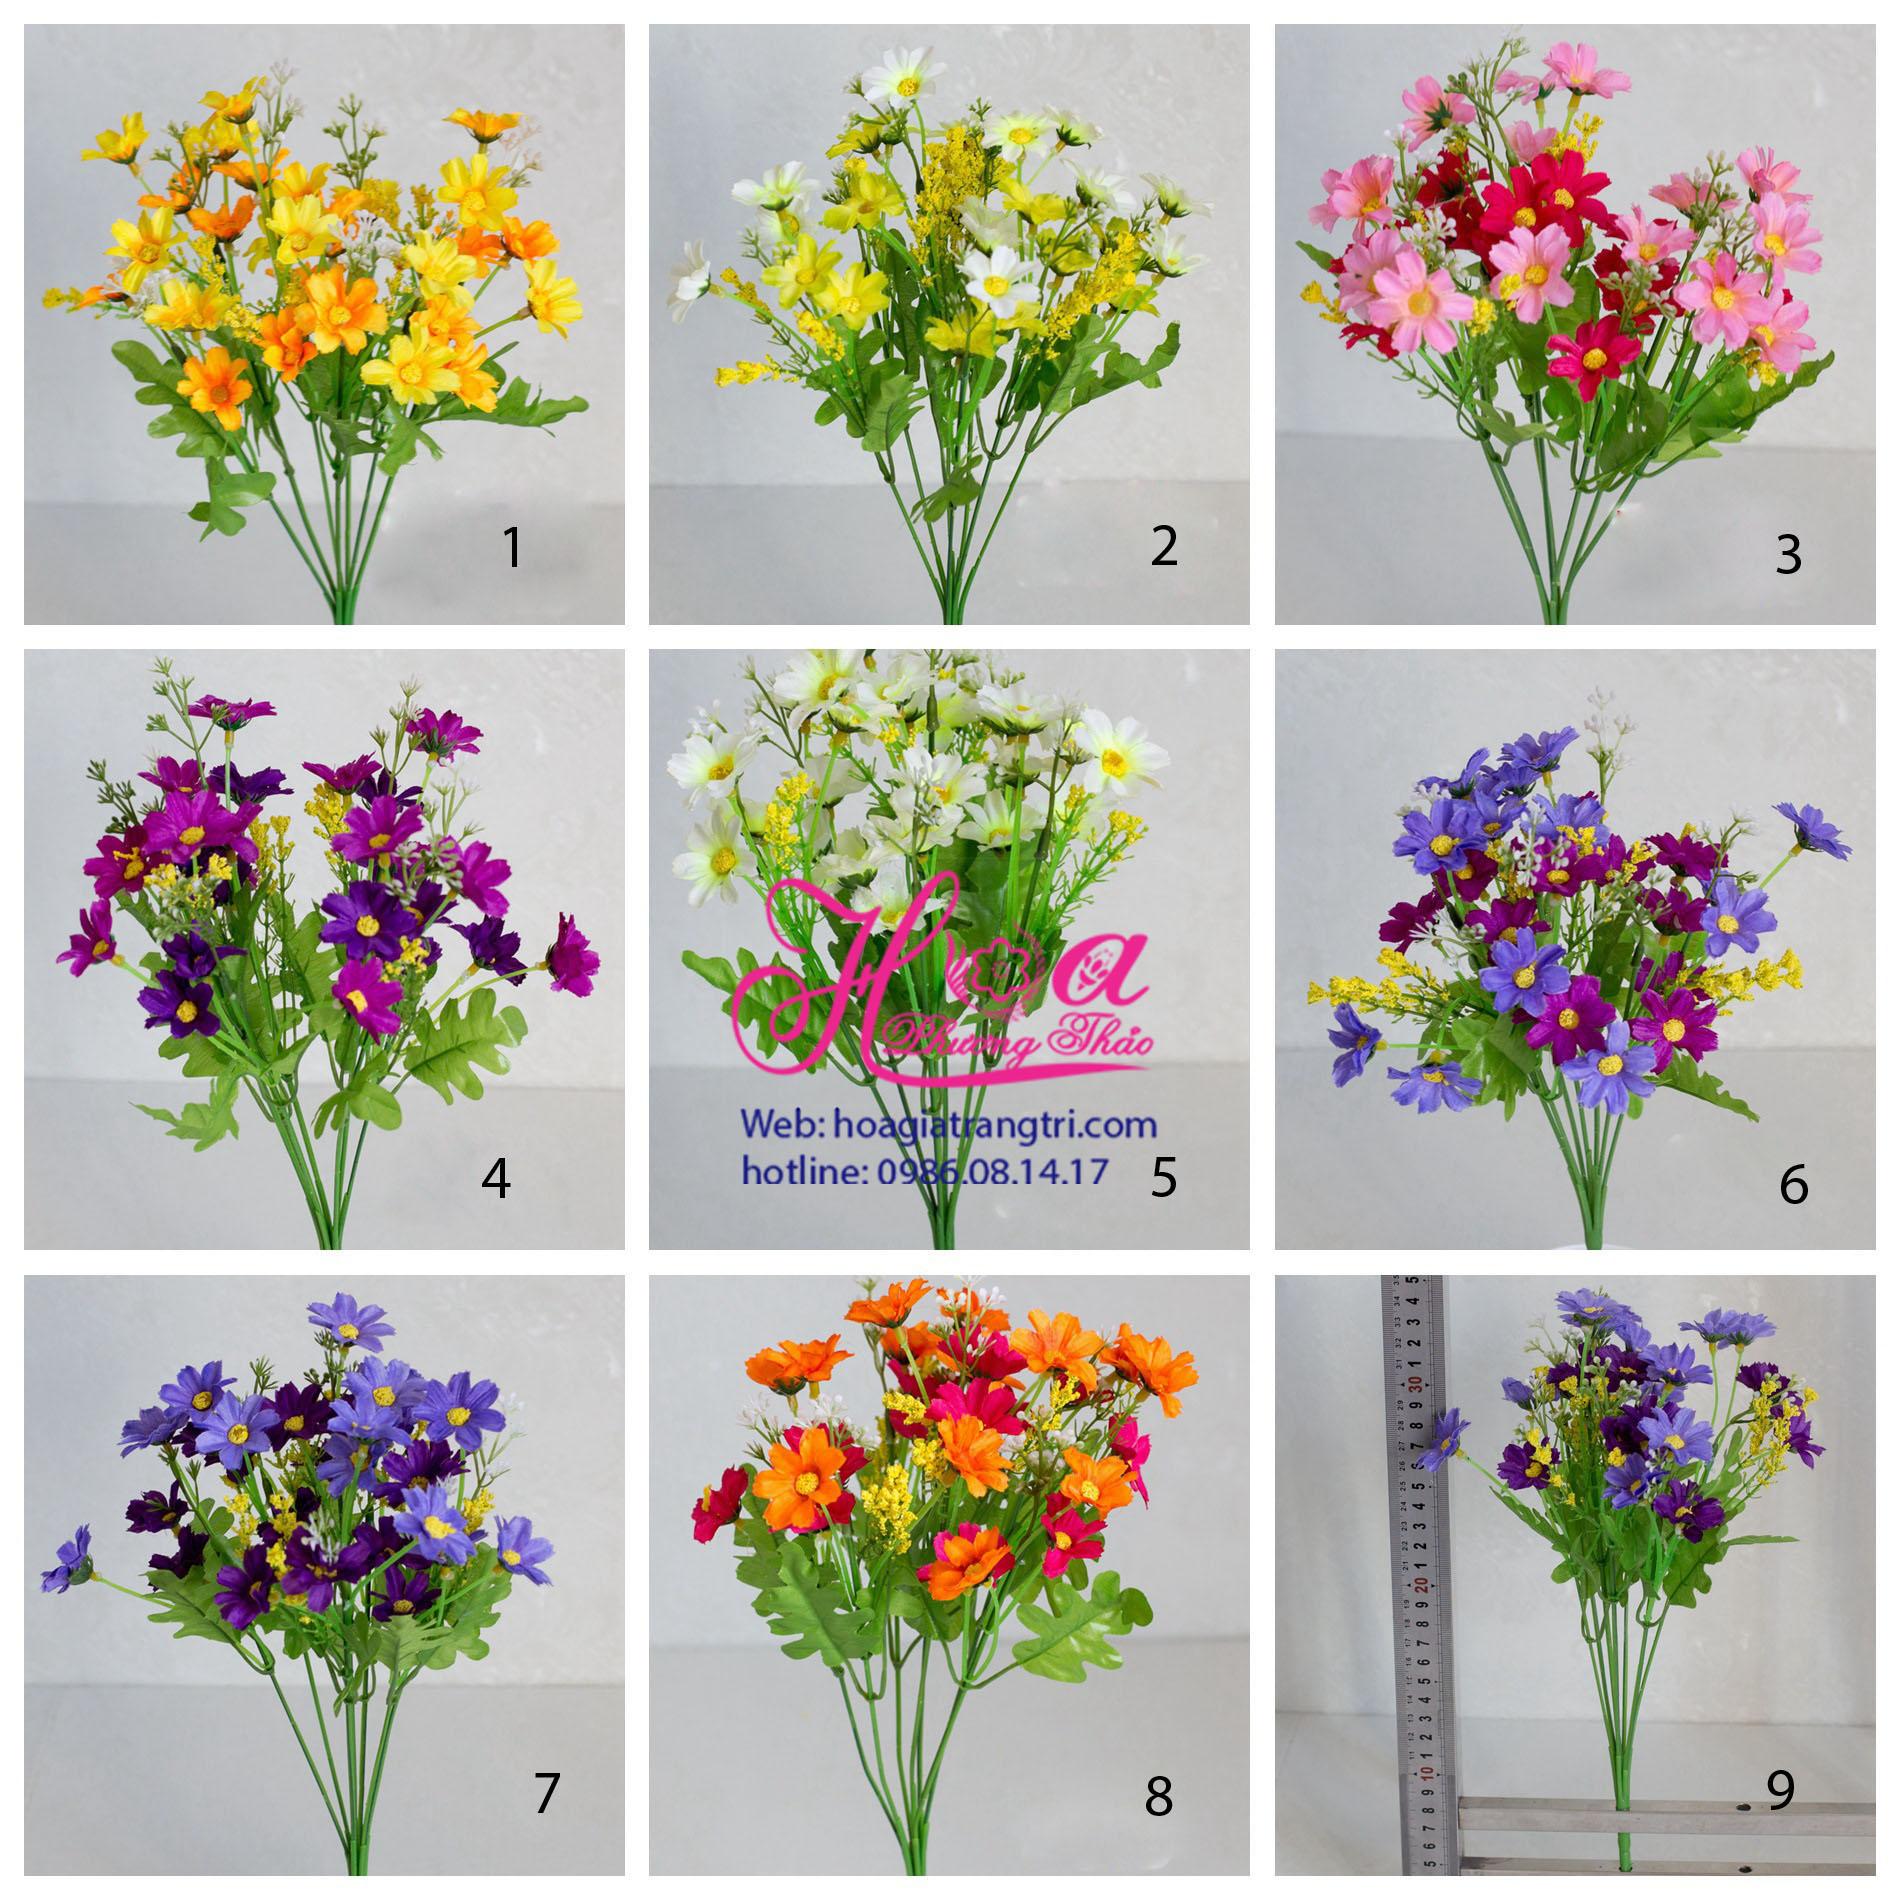 Cành hoa giả đề bàn trang trí vào bình hoa cực đẹp